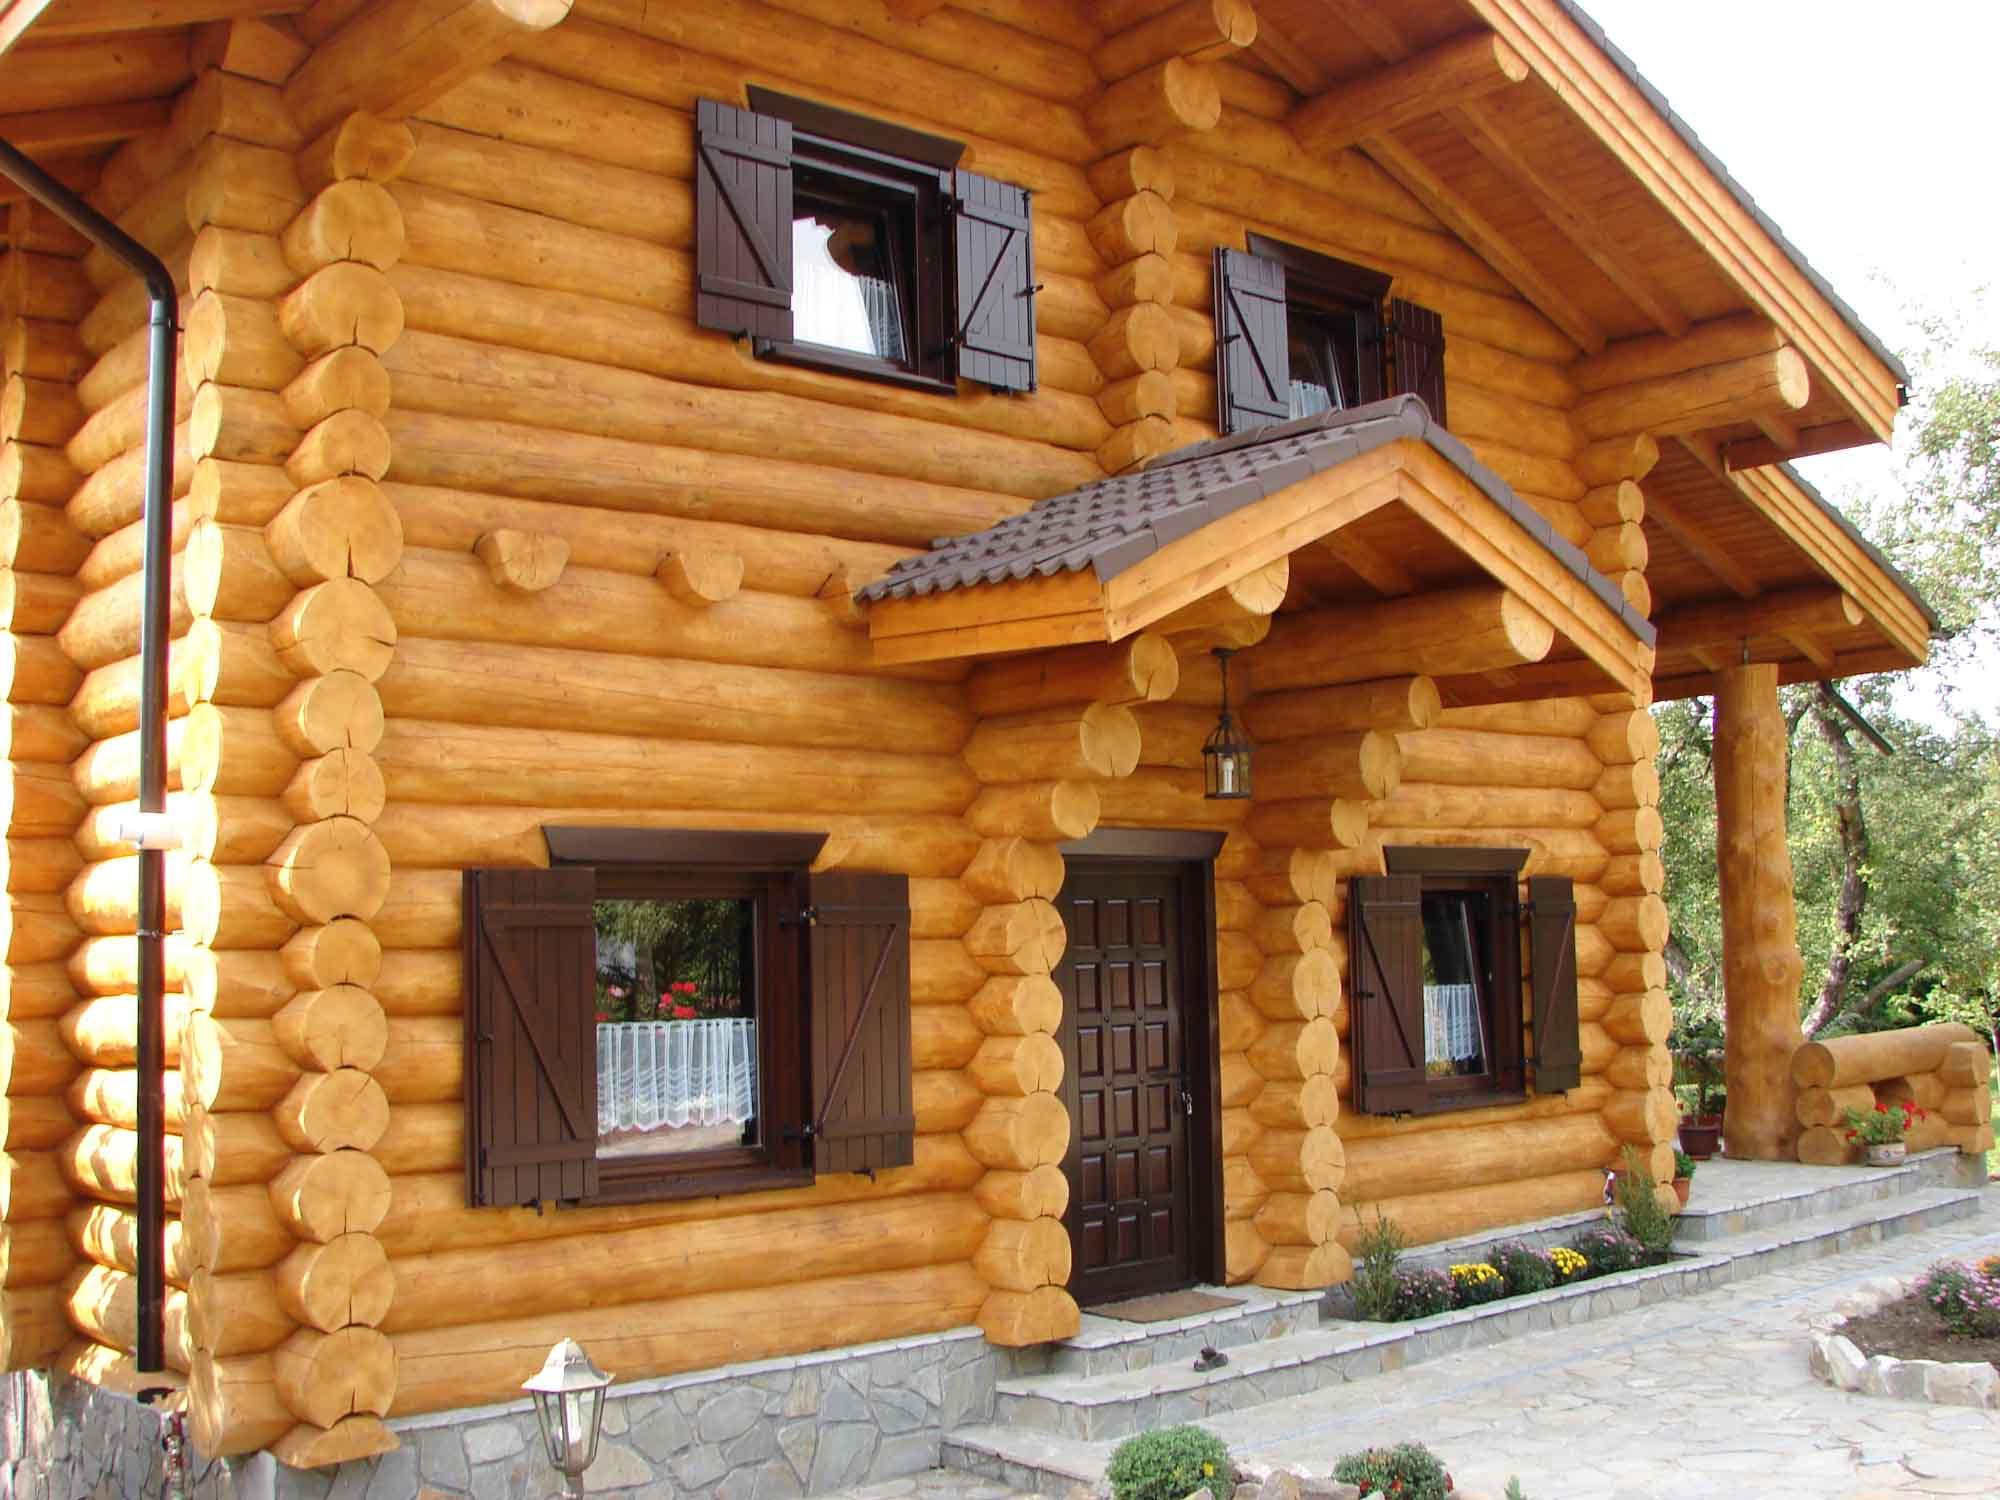 maison en bois maison en bois. Black Bedroom Furniture Sets. Home Design Ideas